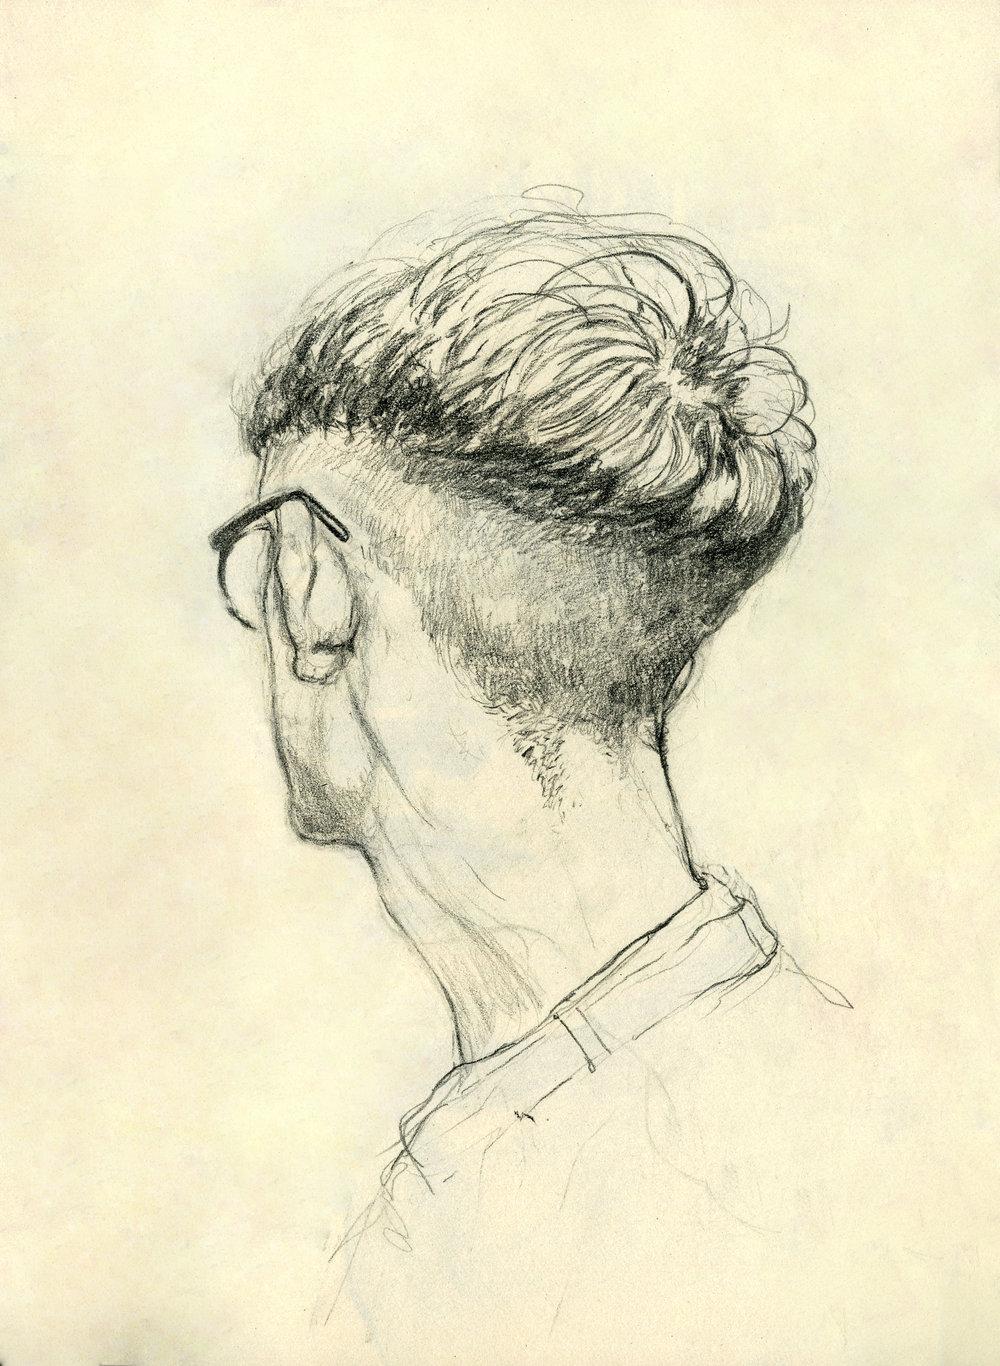 head sketch004.jpg